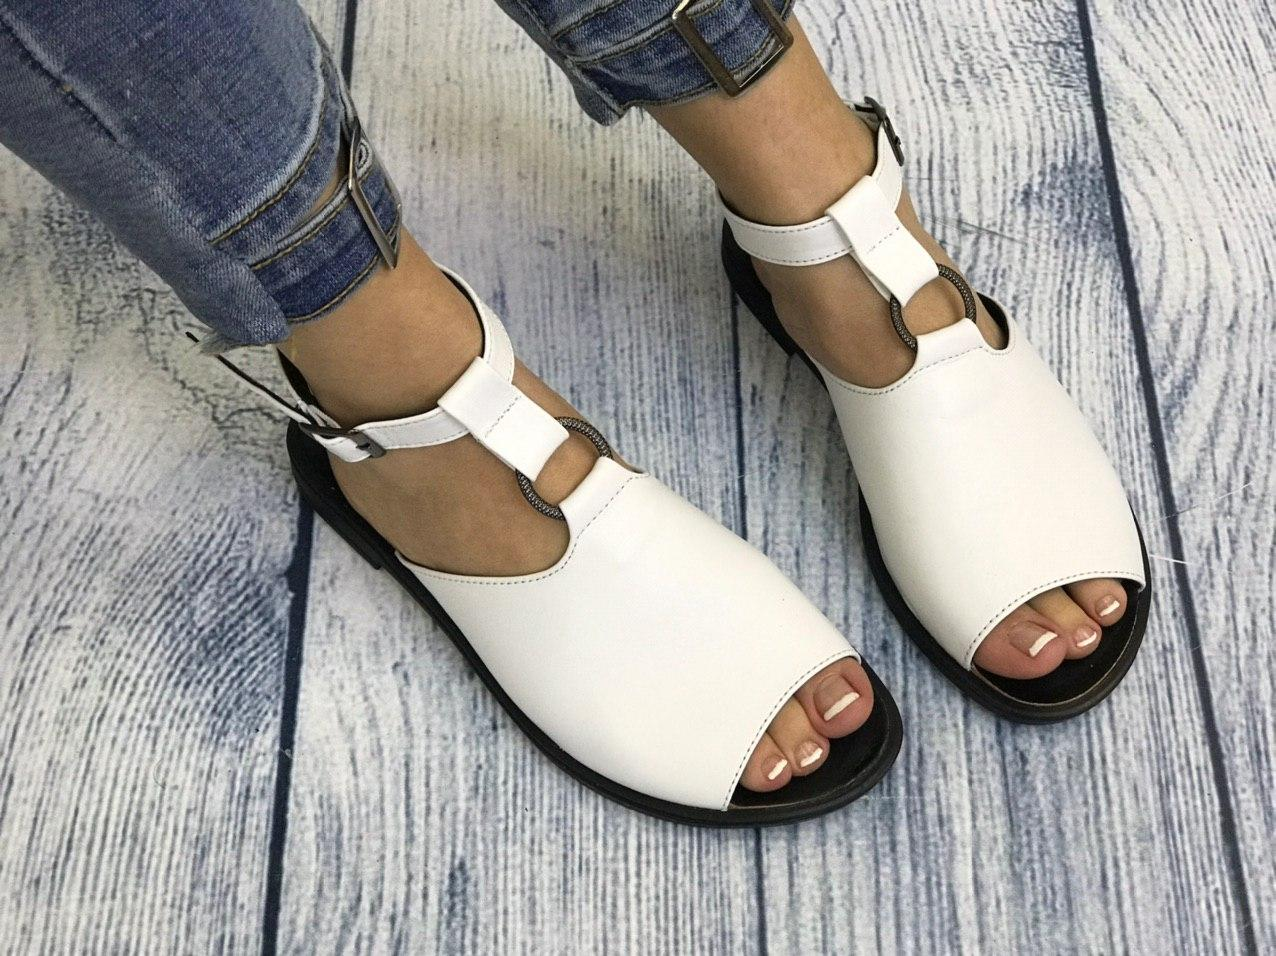 Белые кожаные босоножки сандалии 1 см каблук, кожа или замша пошив с рюшечкой размеры 36-41